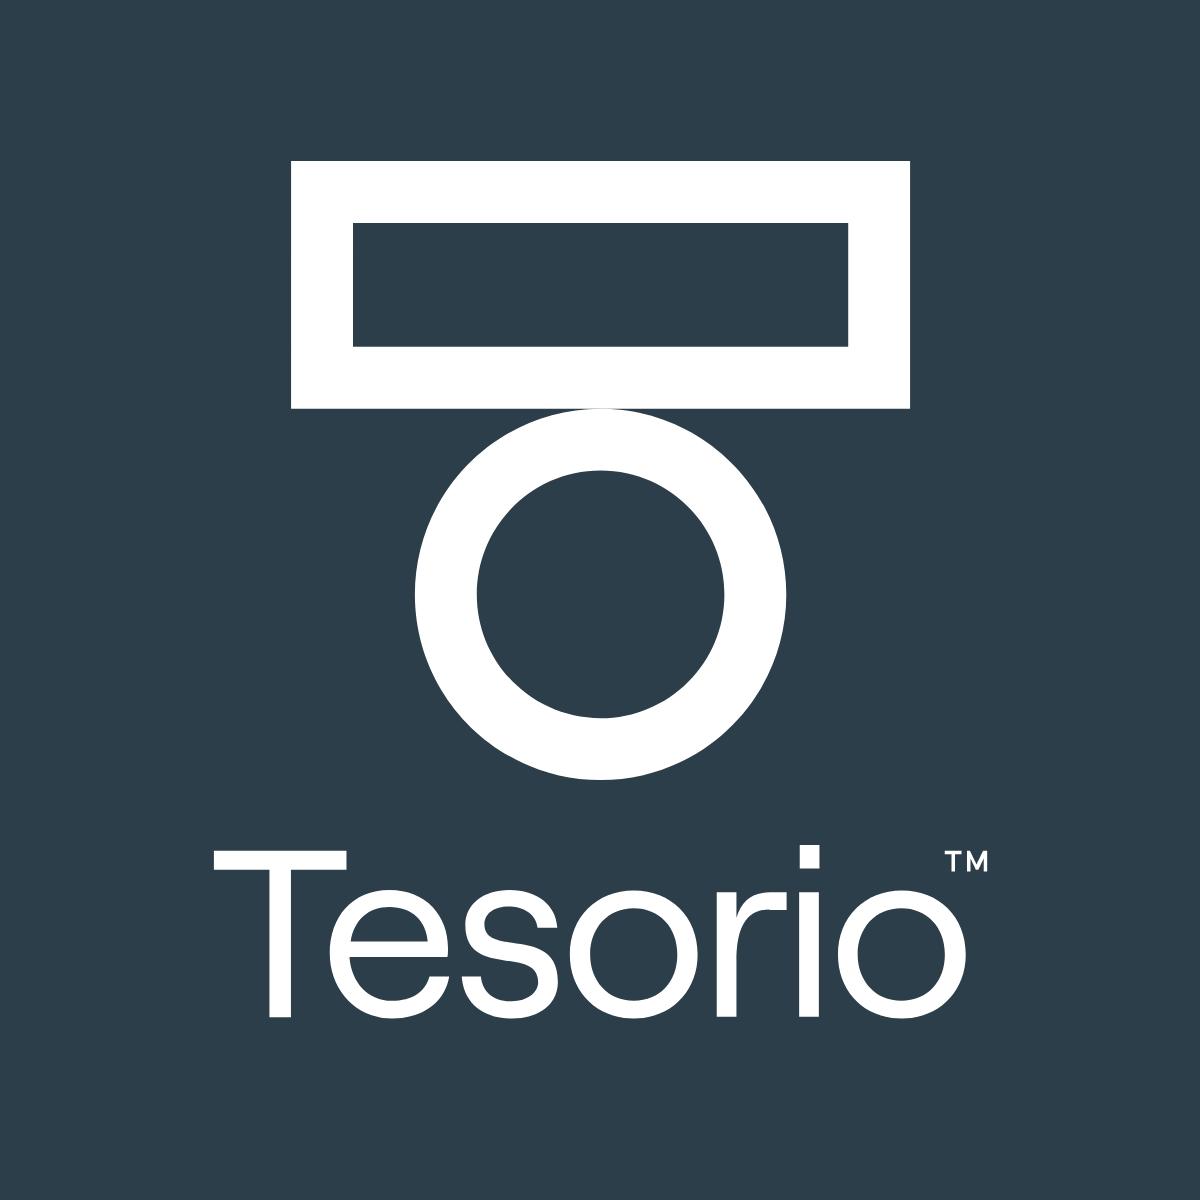 Tesorio